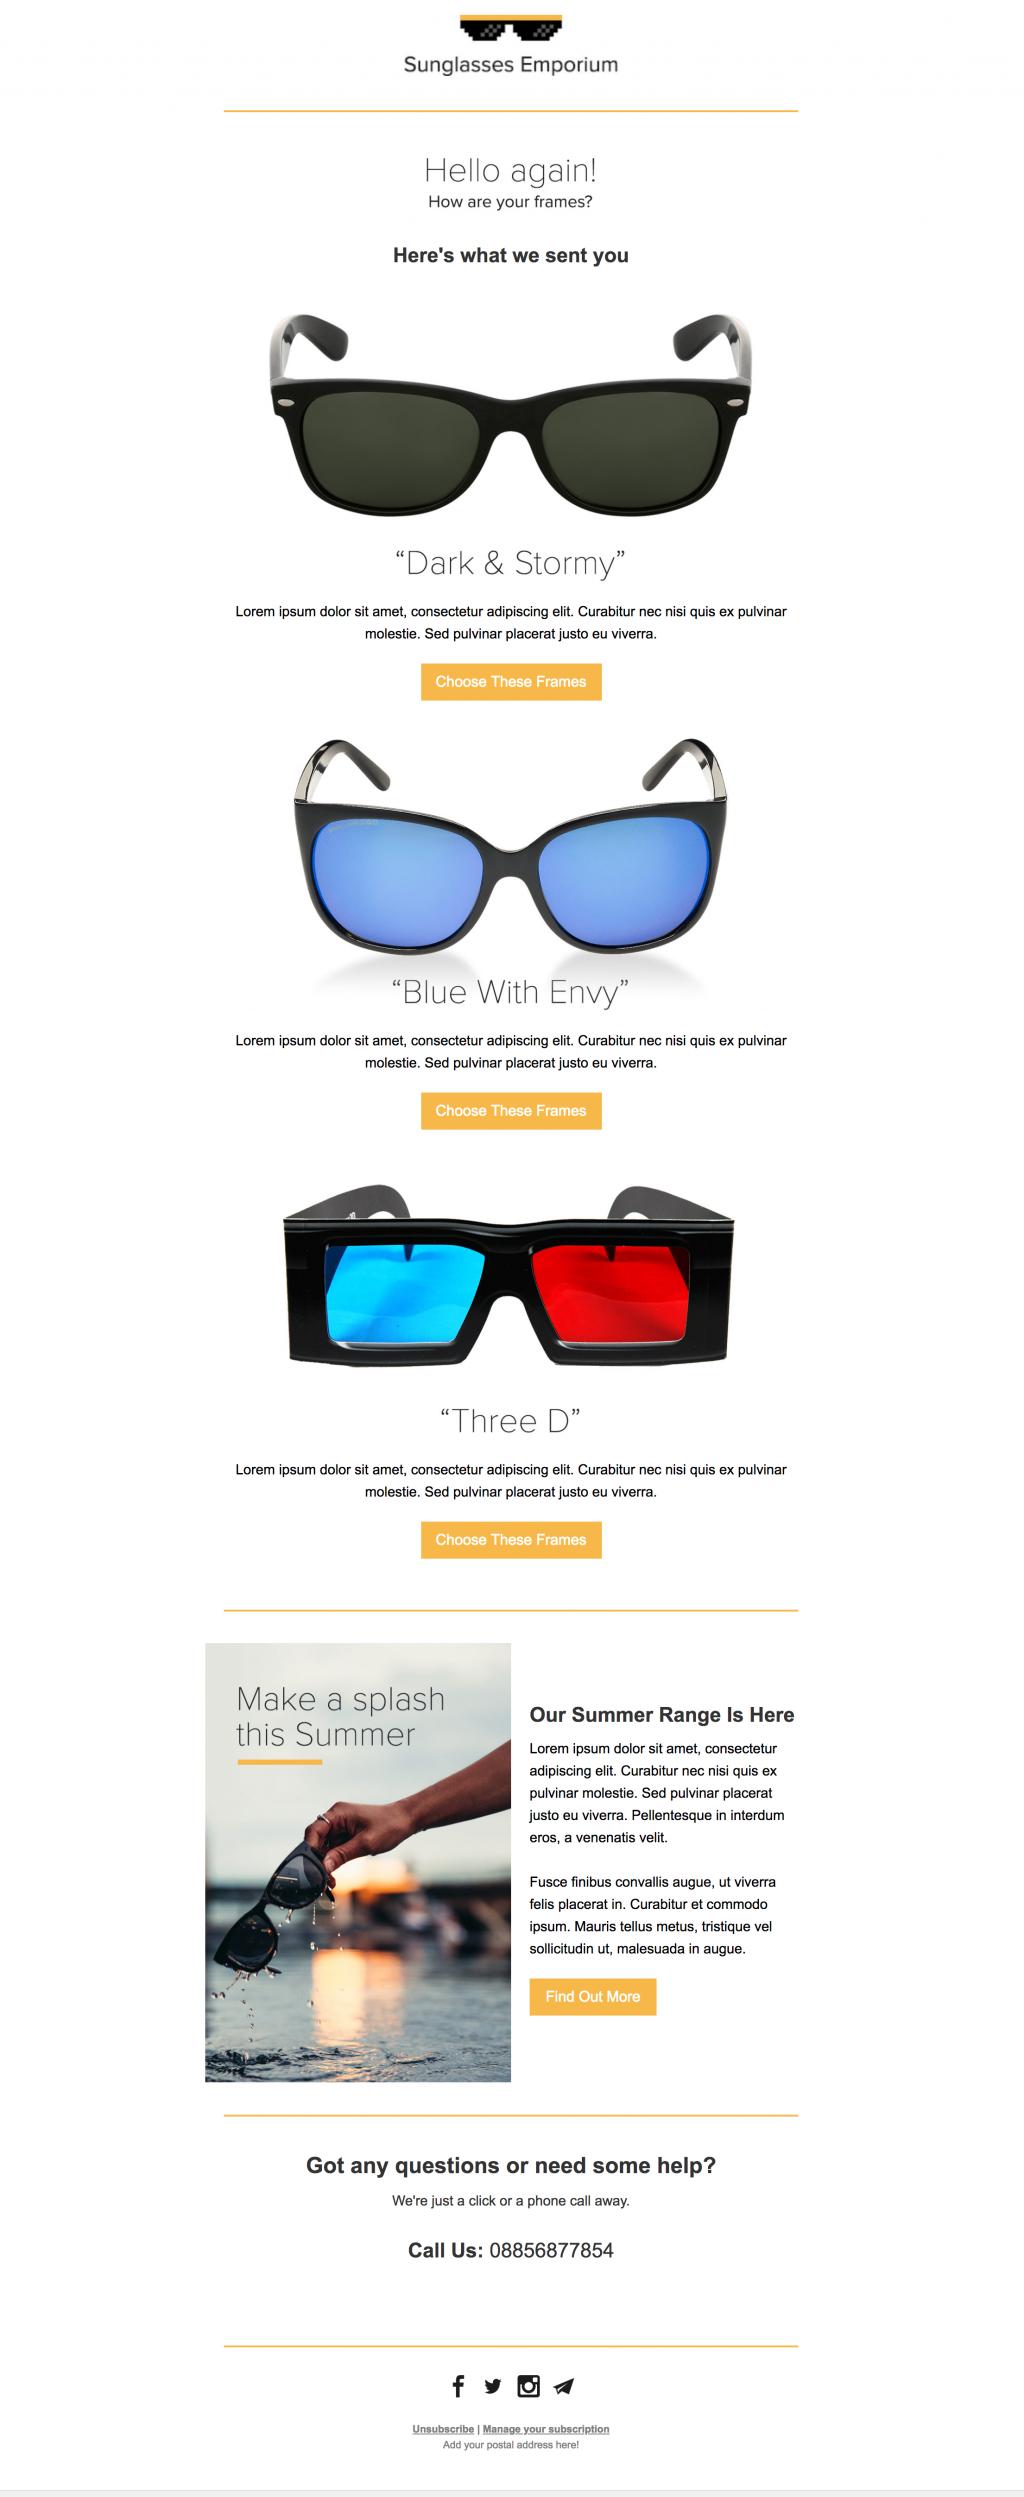 Sunglasses newsletter